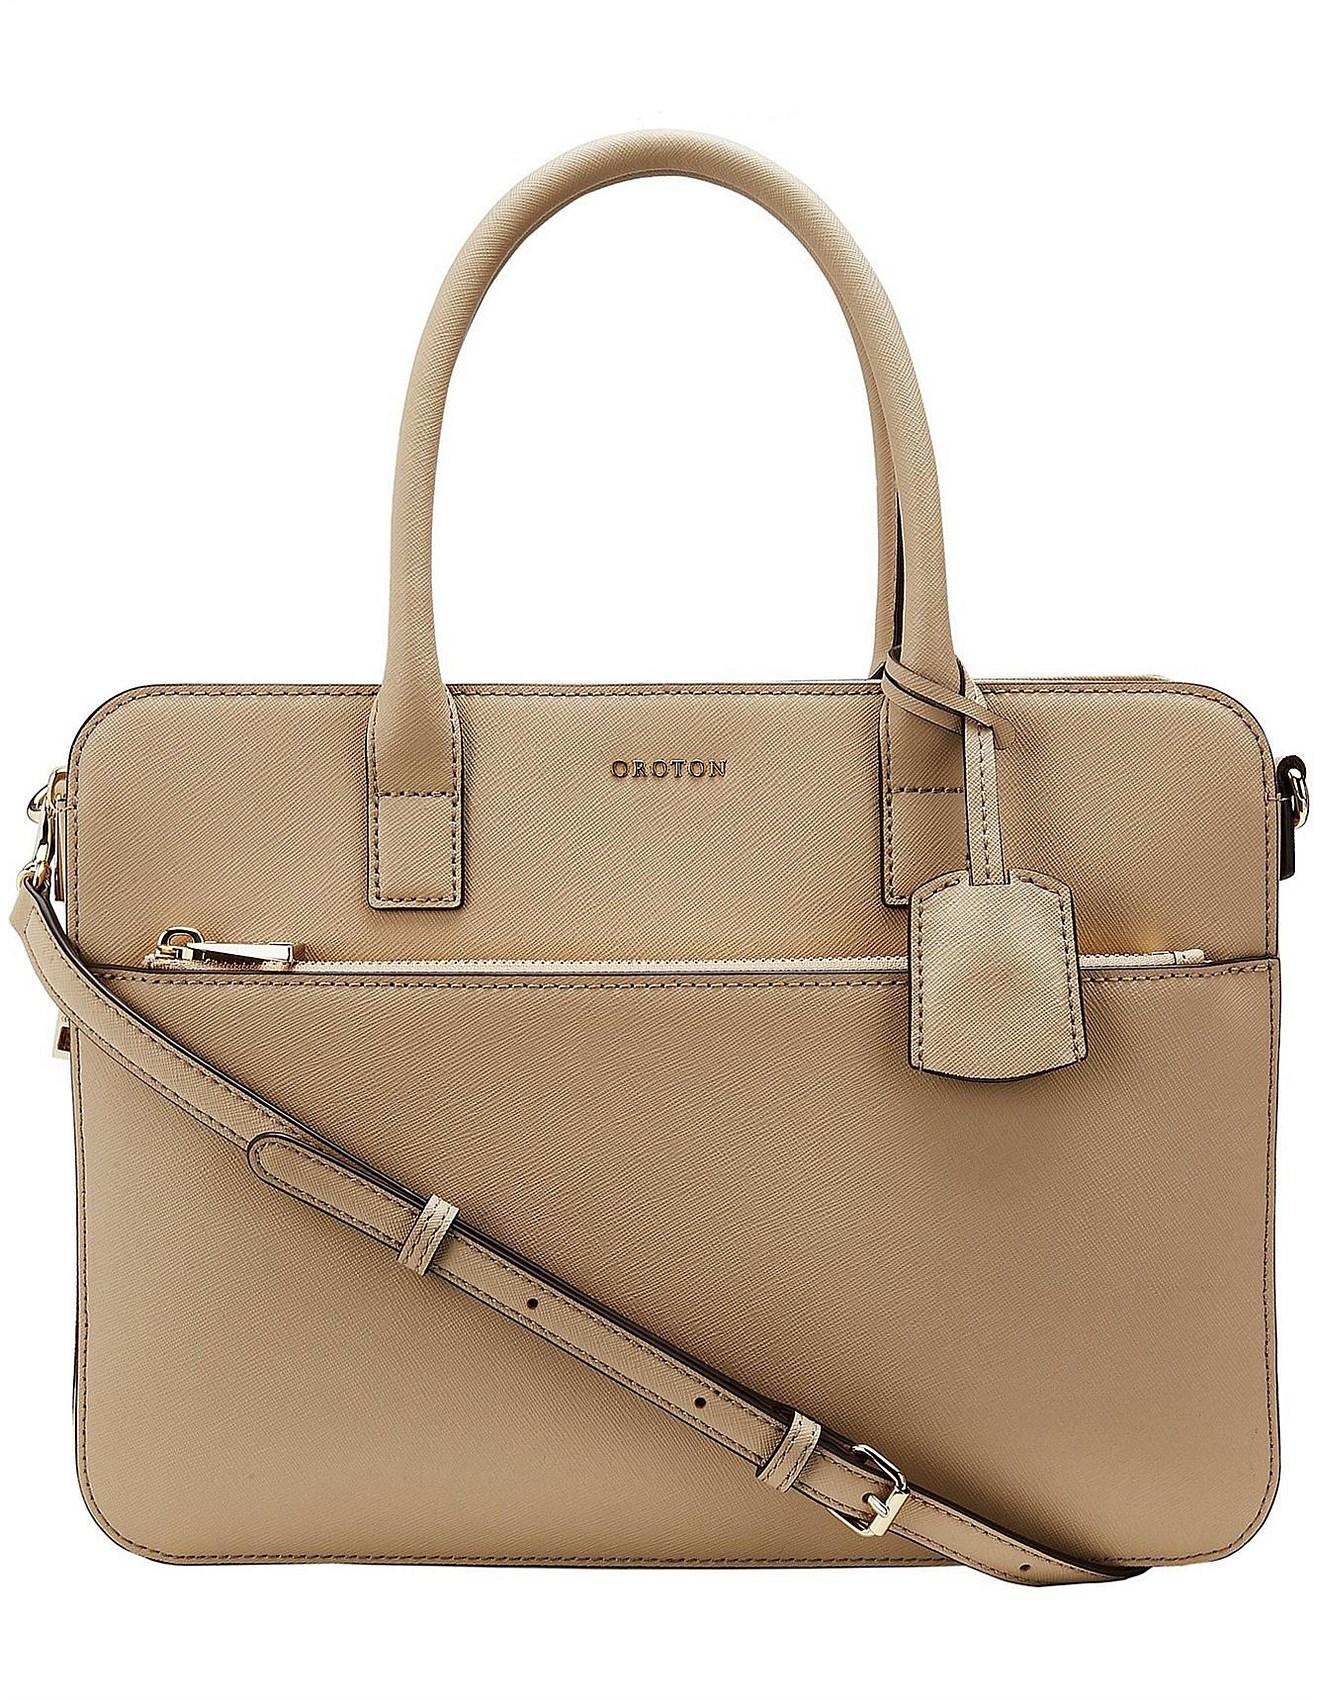 Women S Bags Handbags Clutches Tote Online David Jones Msn 13 Worker